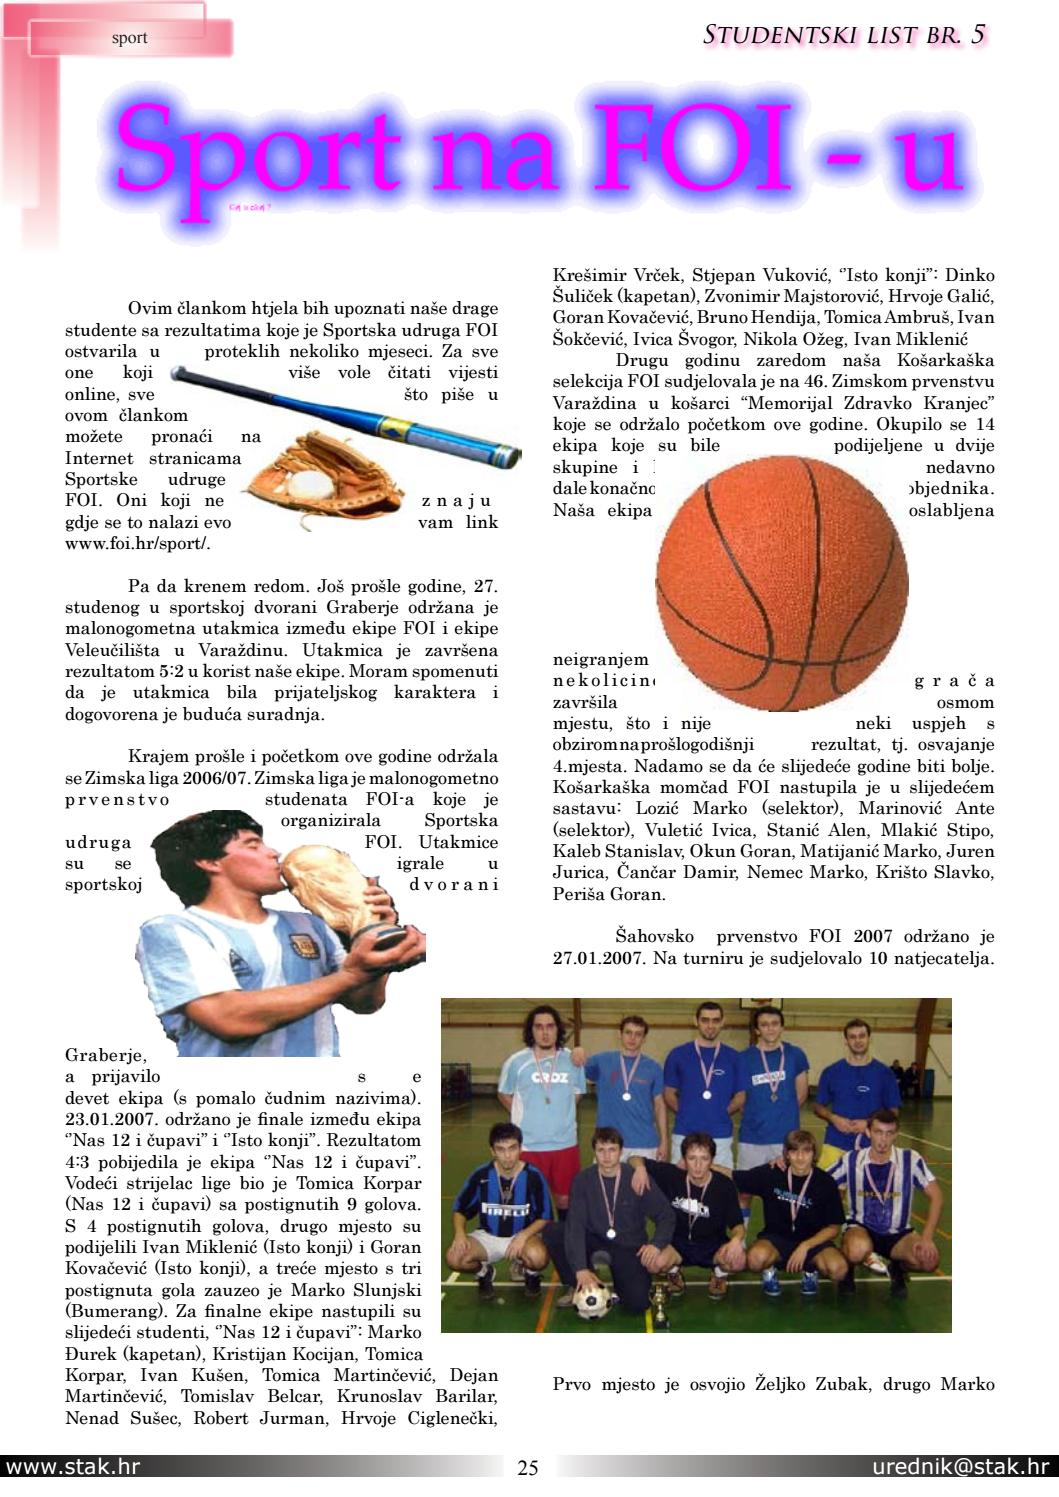 internetske stranice za upoznavanje studenata alice springs stranice za upoznavanje